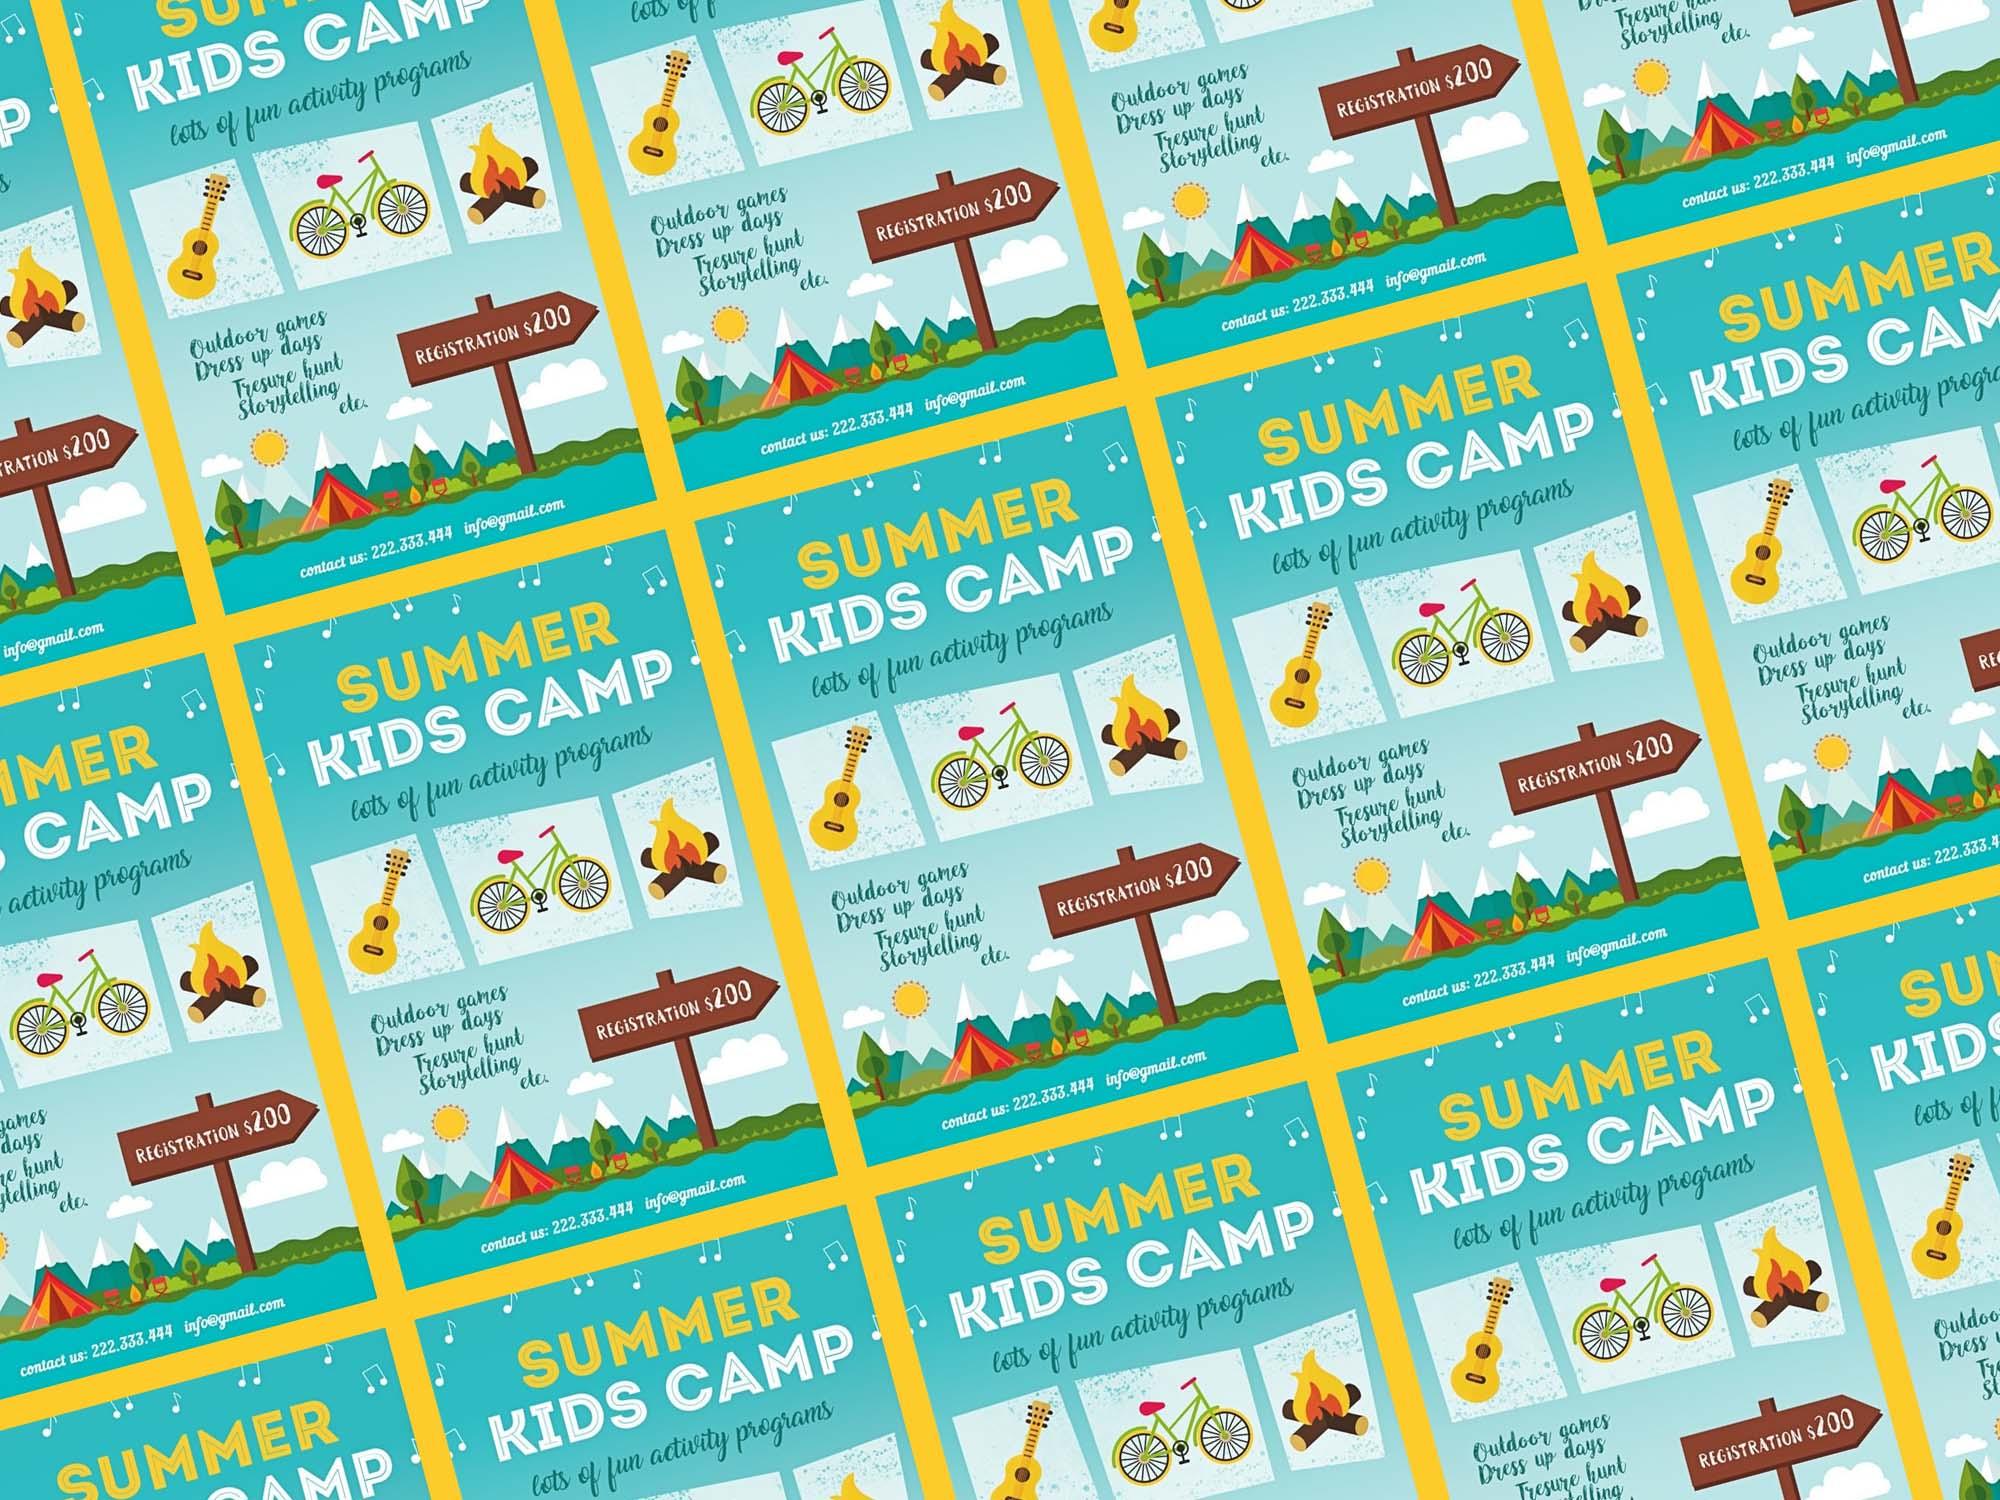 Summer Kids Camp Flyer Template